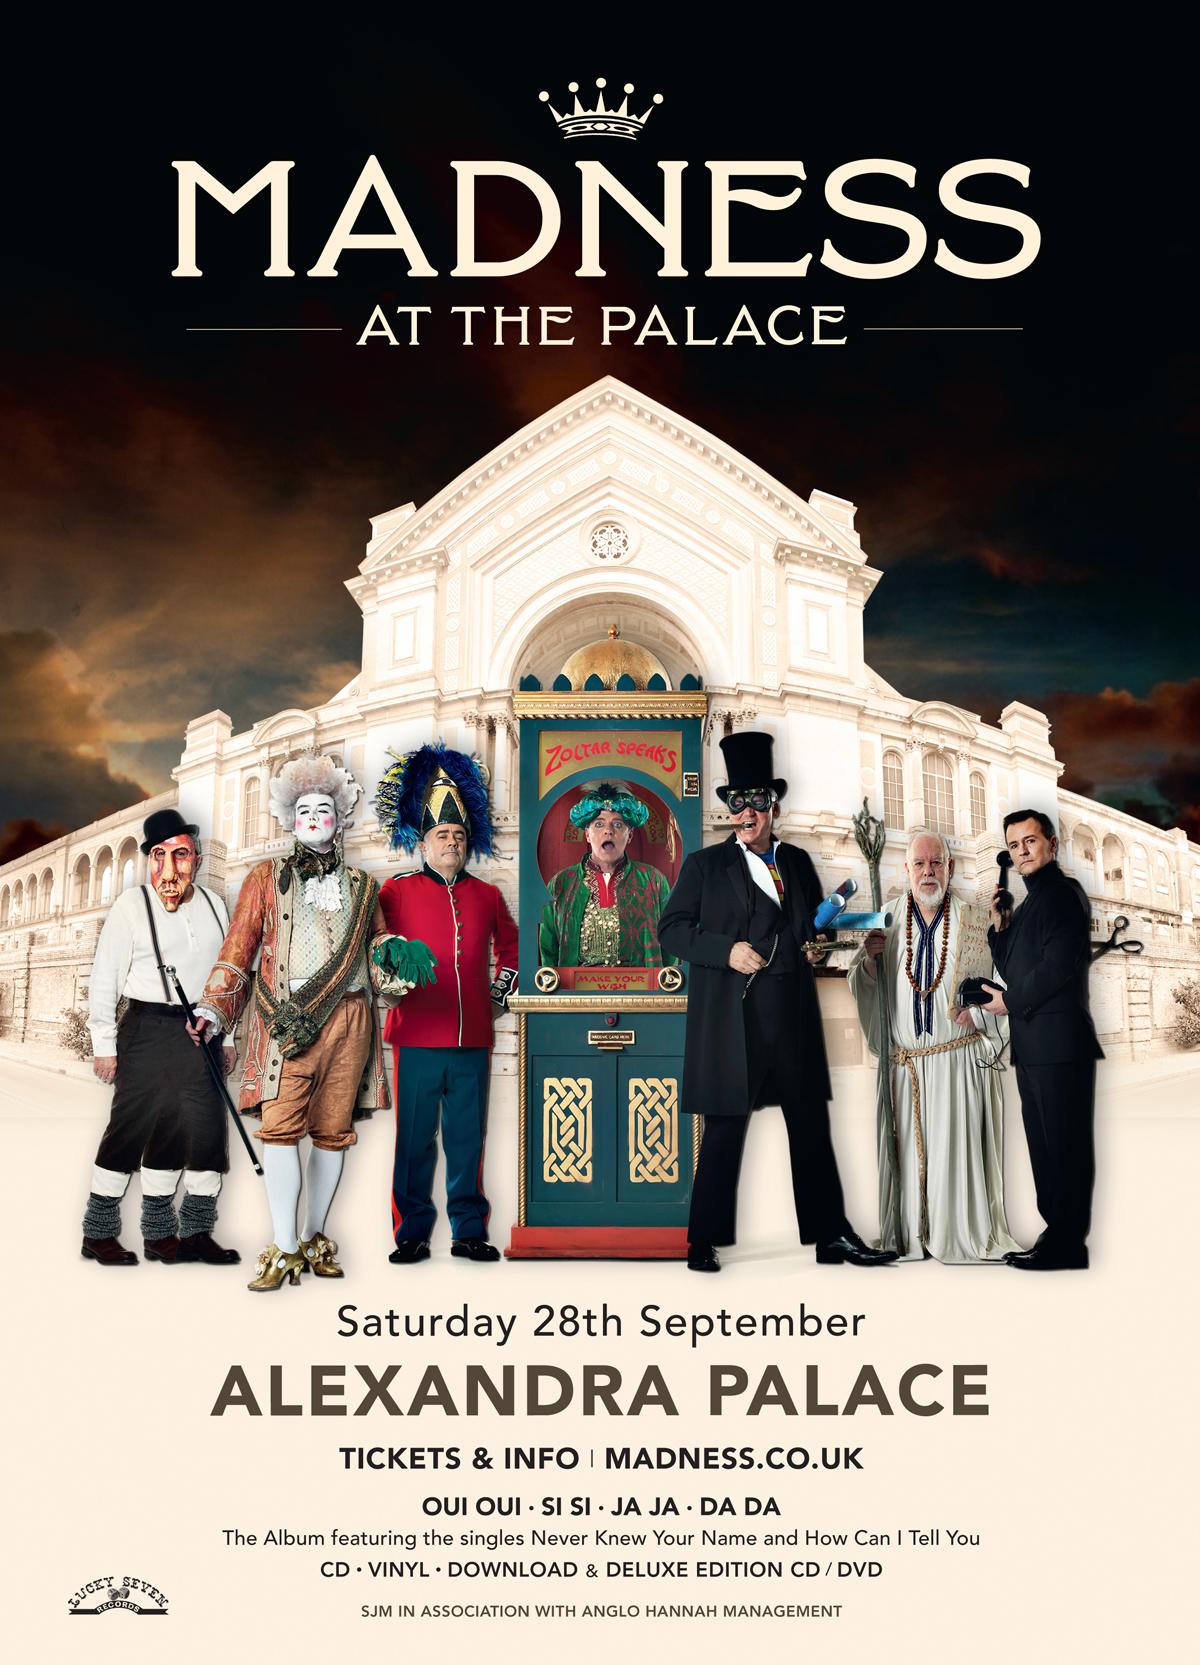 Madness at Alexandra Palace 2013